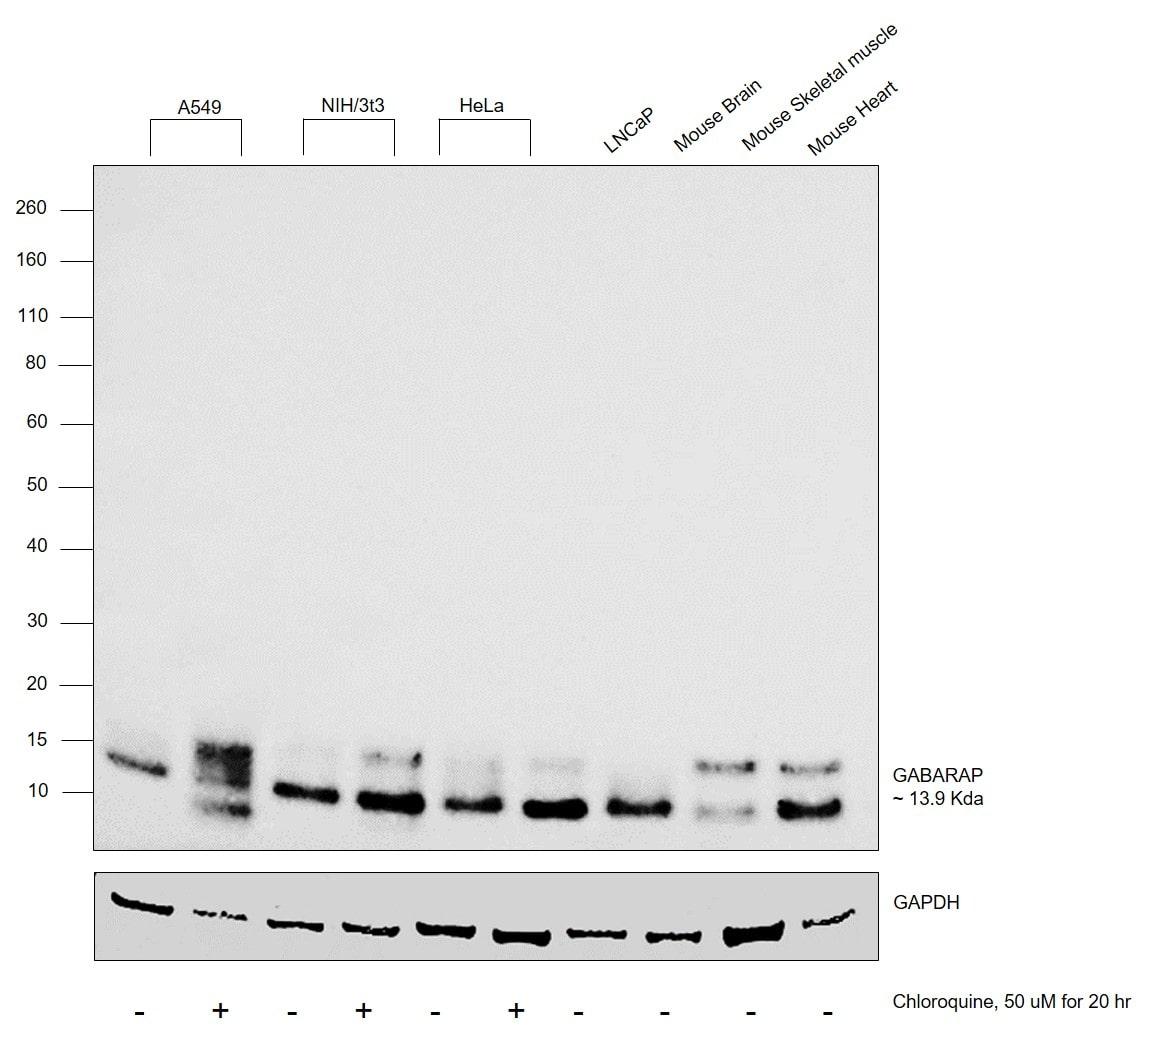 GABARAP/GABARAPL1 Antibody in Cell treatment